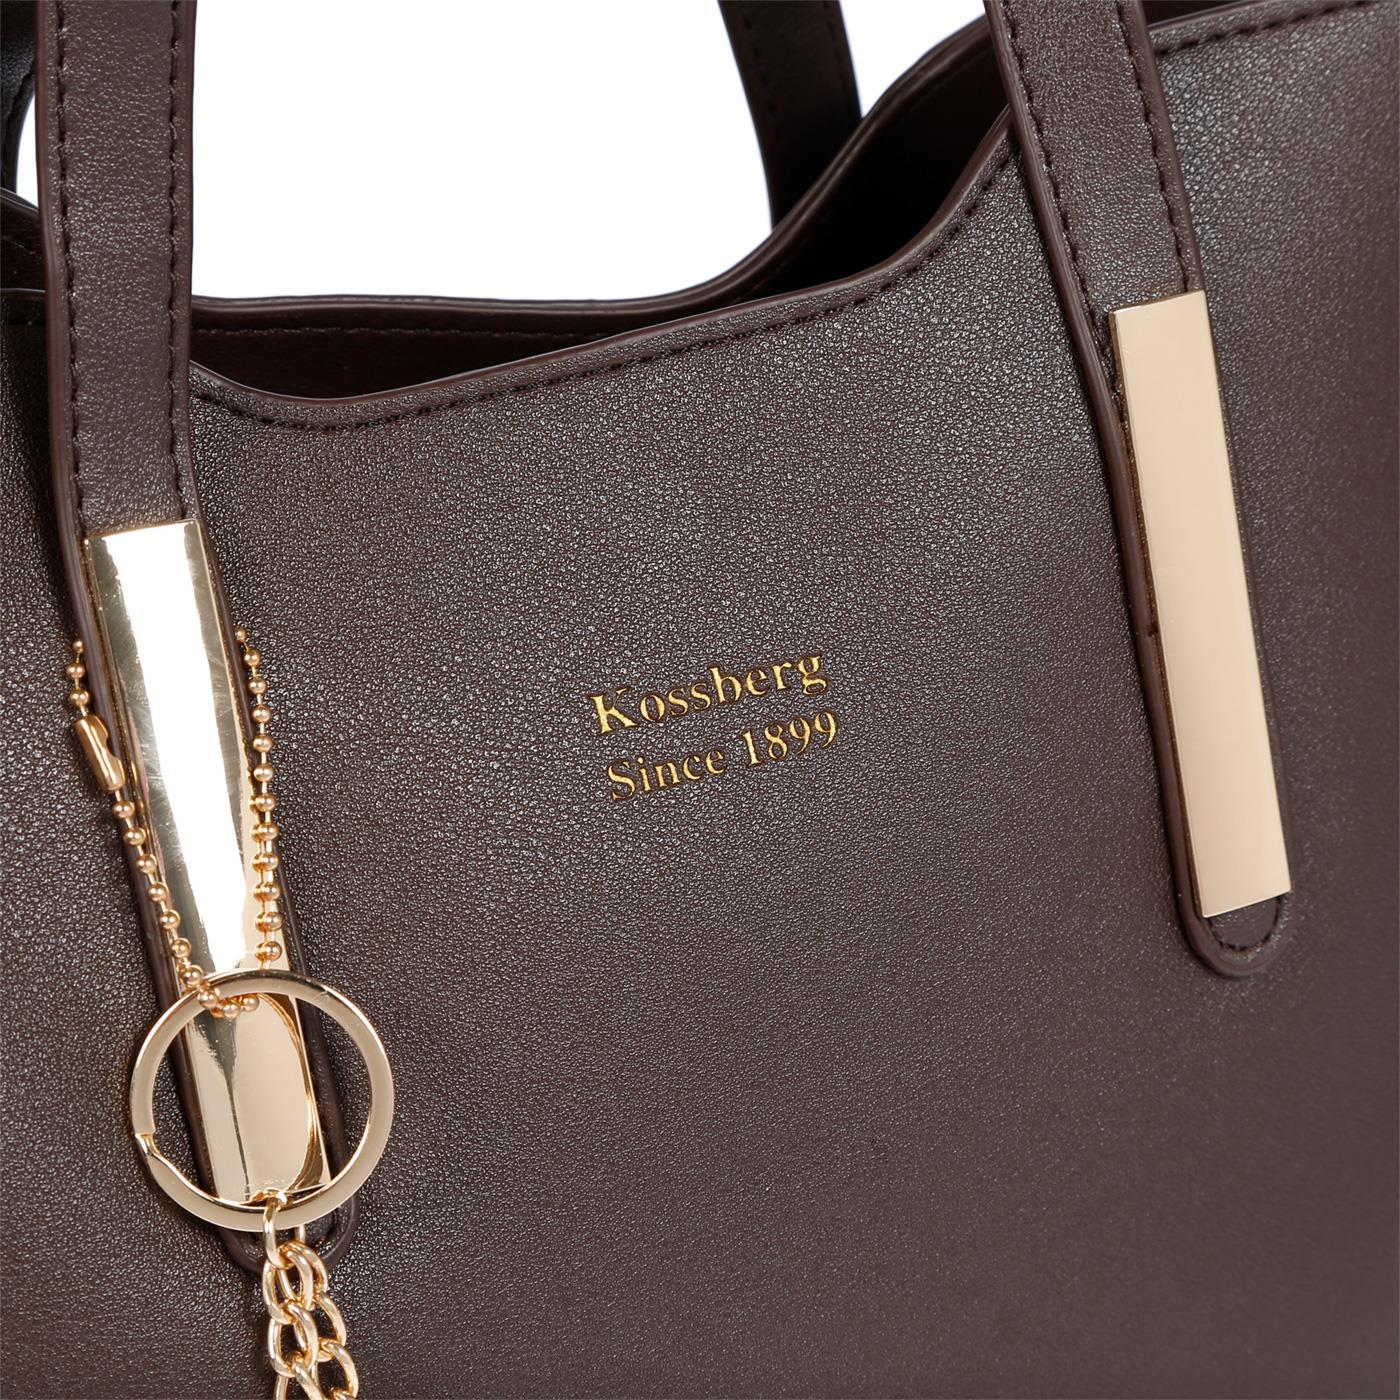 Kossberg-Damen-Tasche-Henkeltasche-Schultertasche-Umhaengetasche-Leder-Optik-Bag Indexbild 44